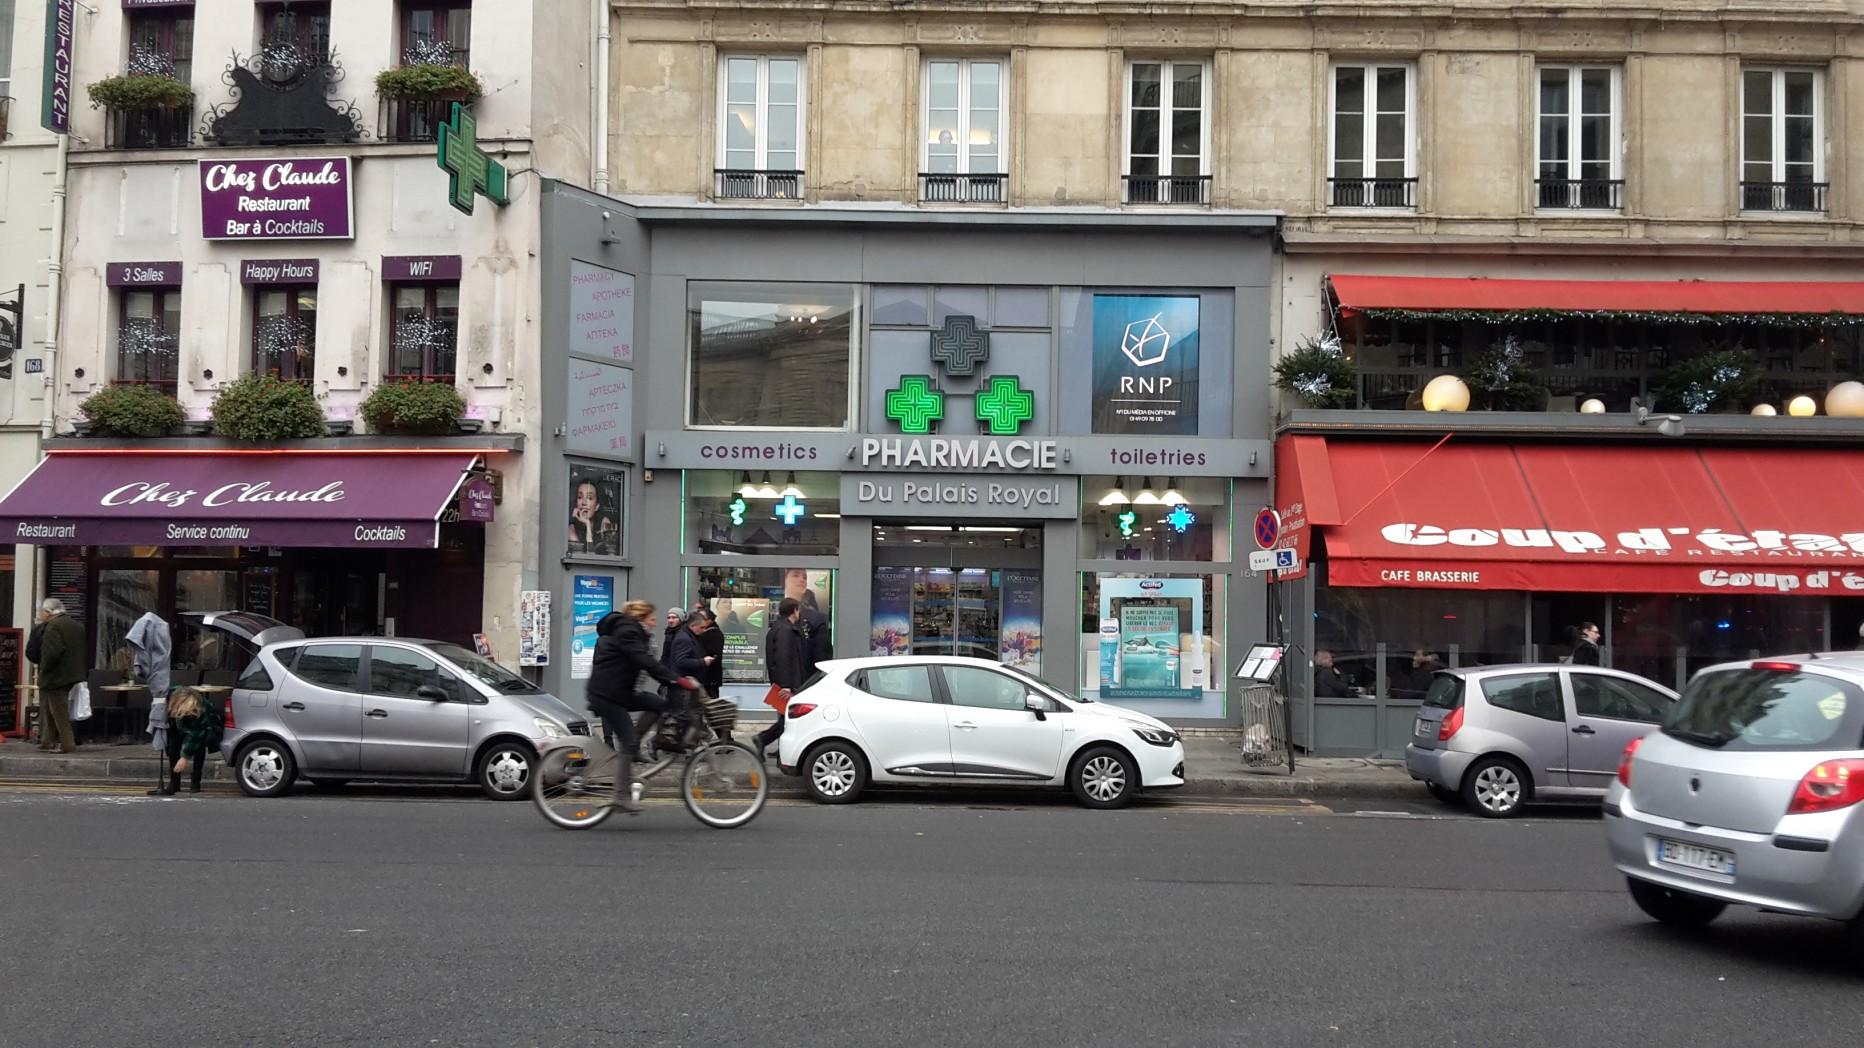 Pharmacie du Palais Royal